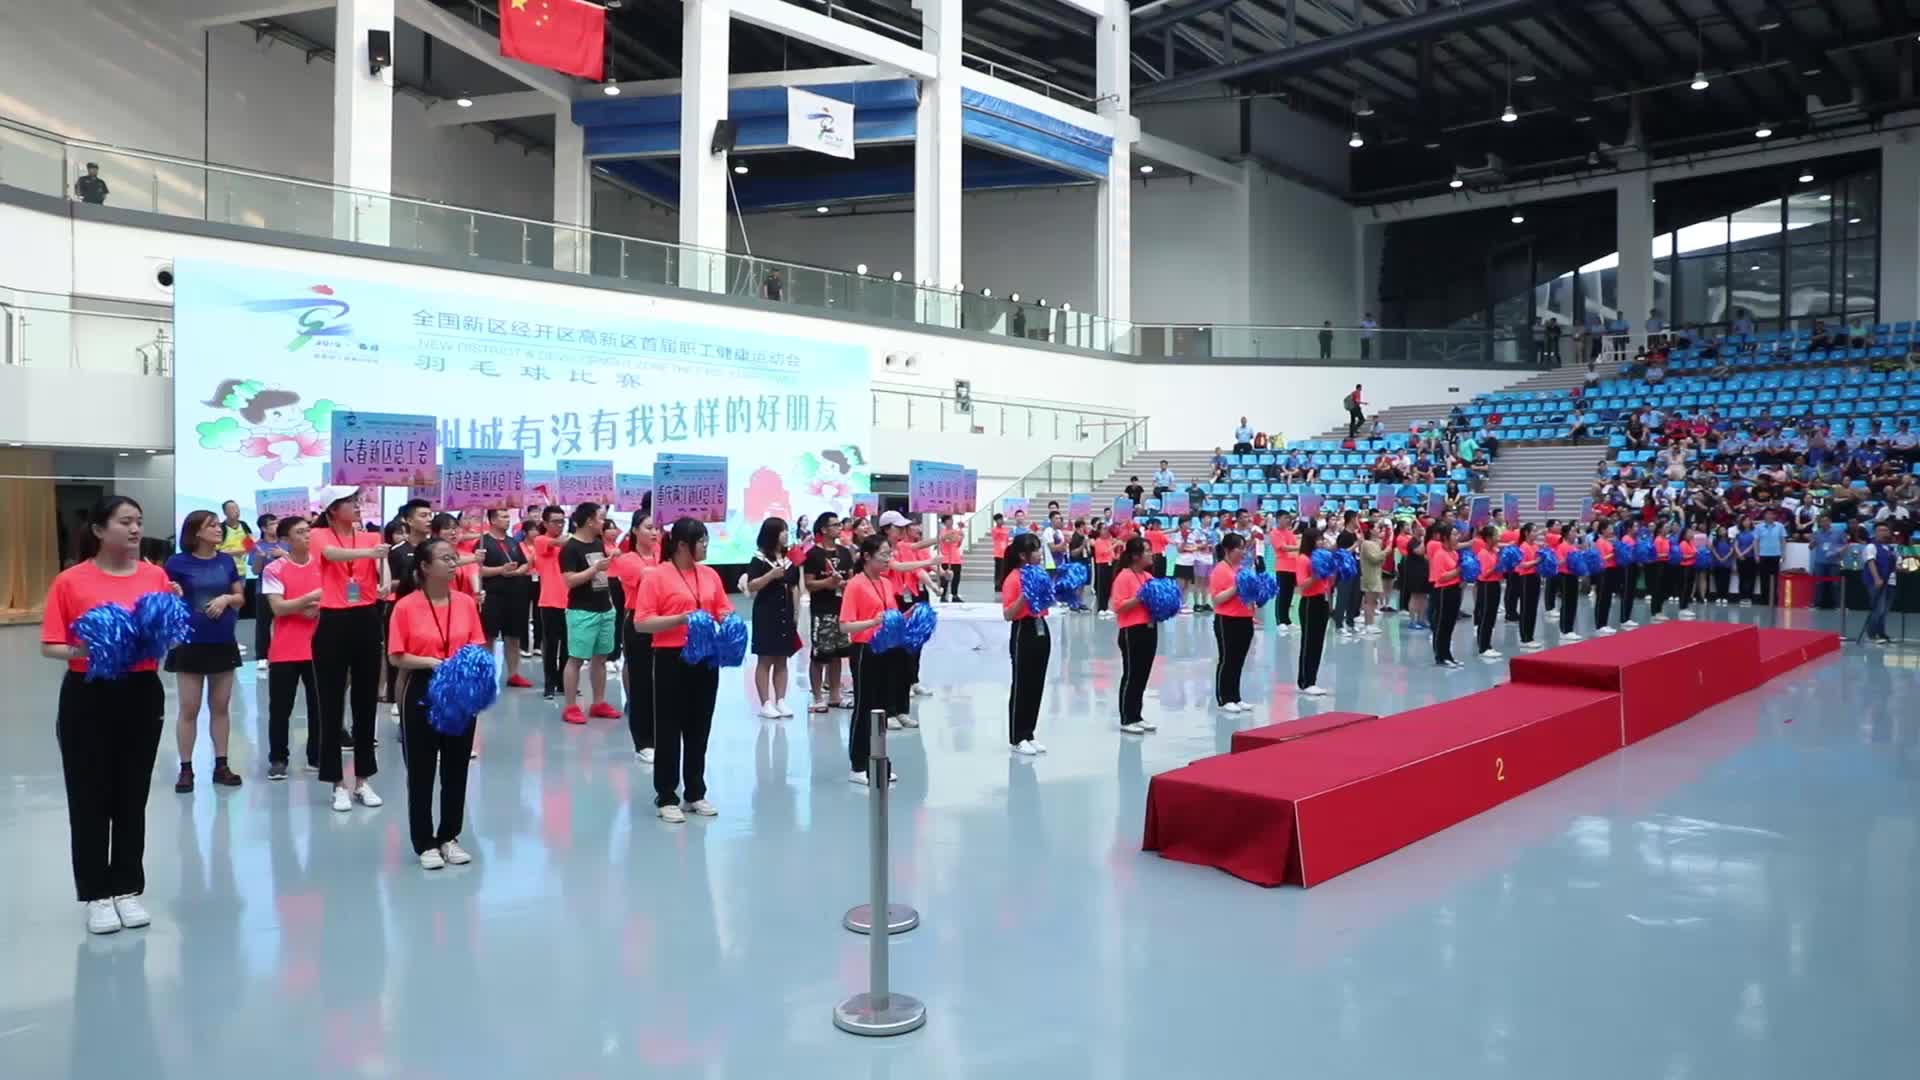 全国新区经开区高新区首届职工健康运动会羽毛球比赛颁奖仪式1